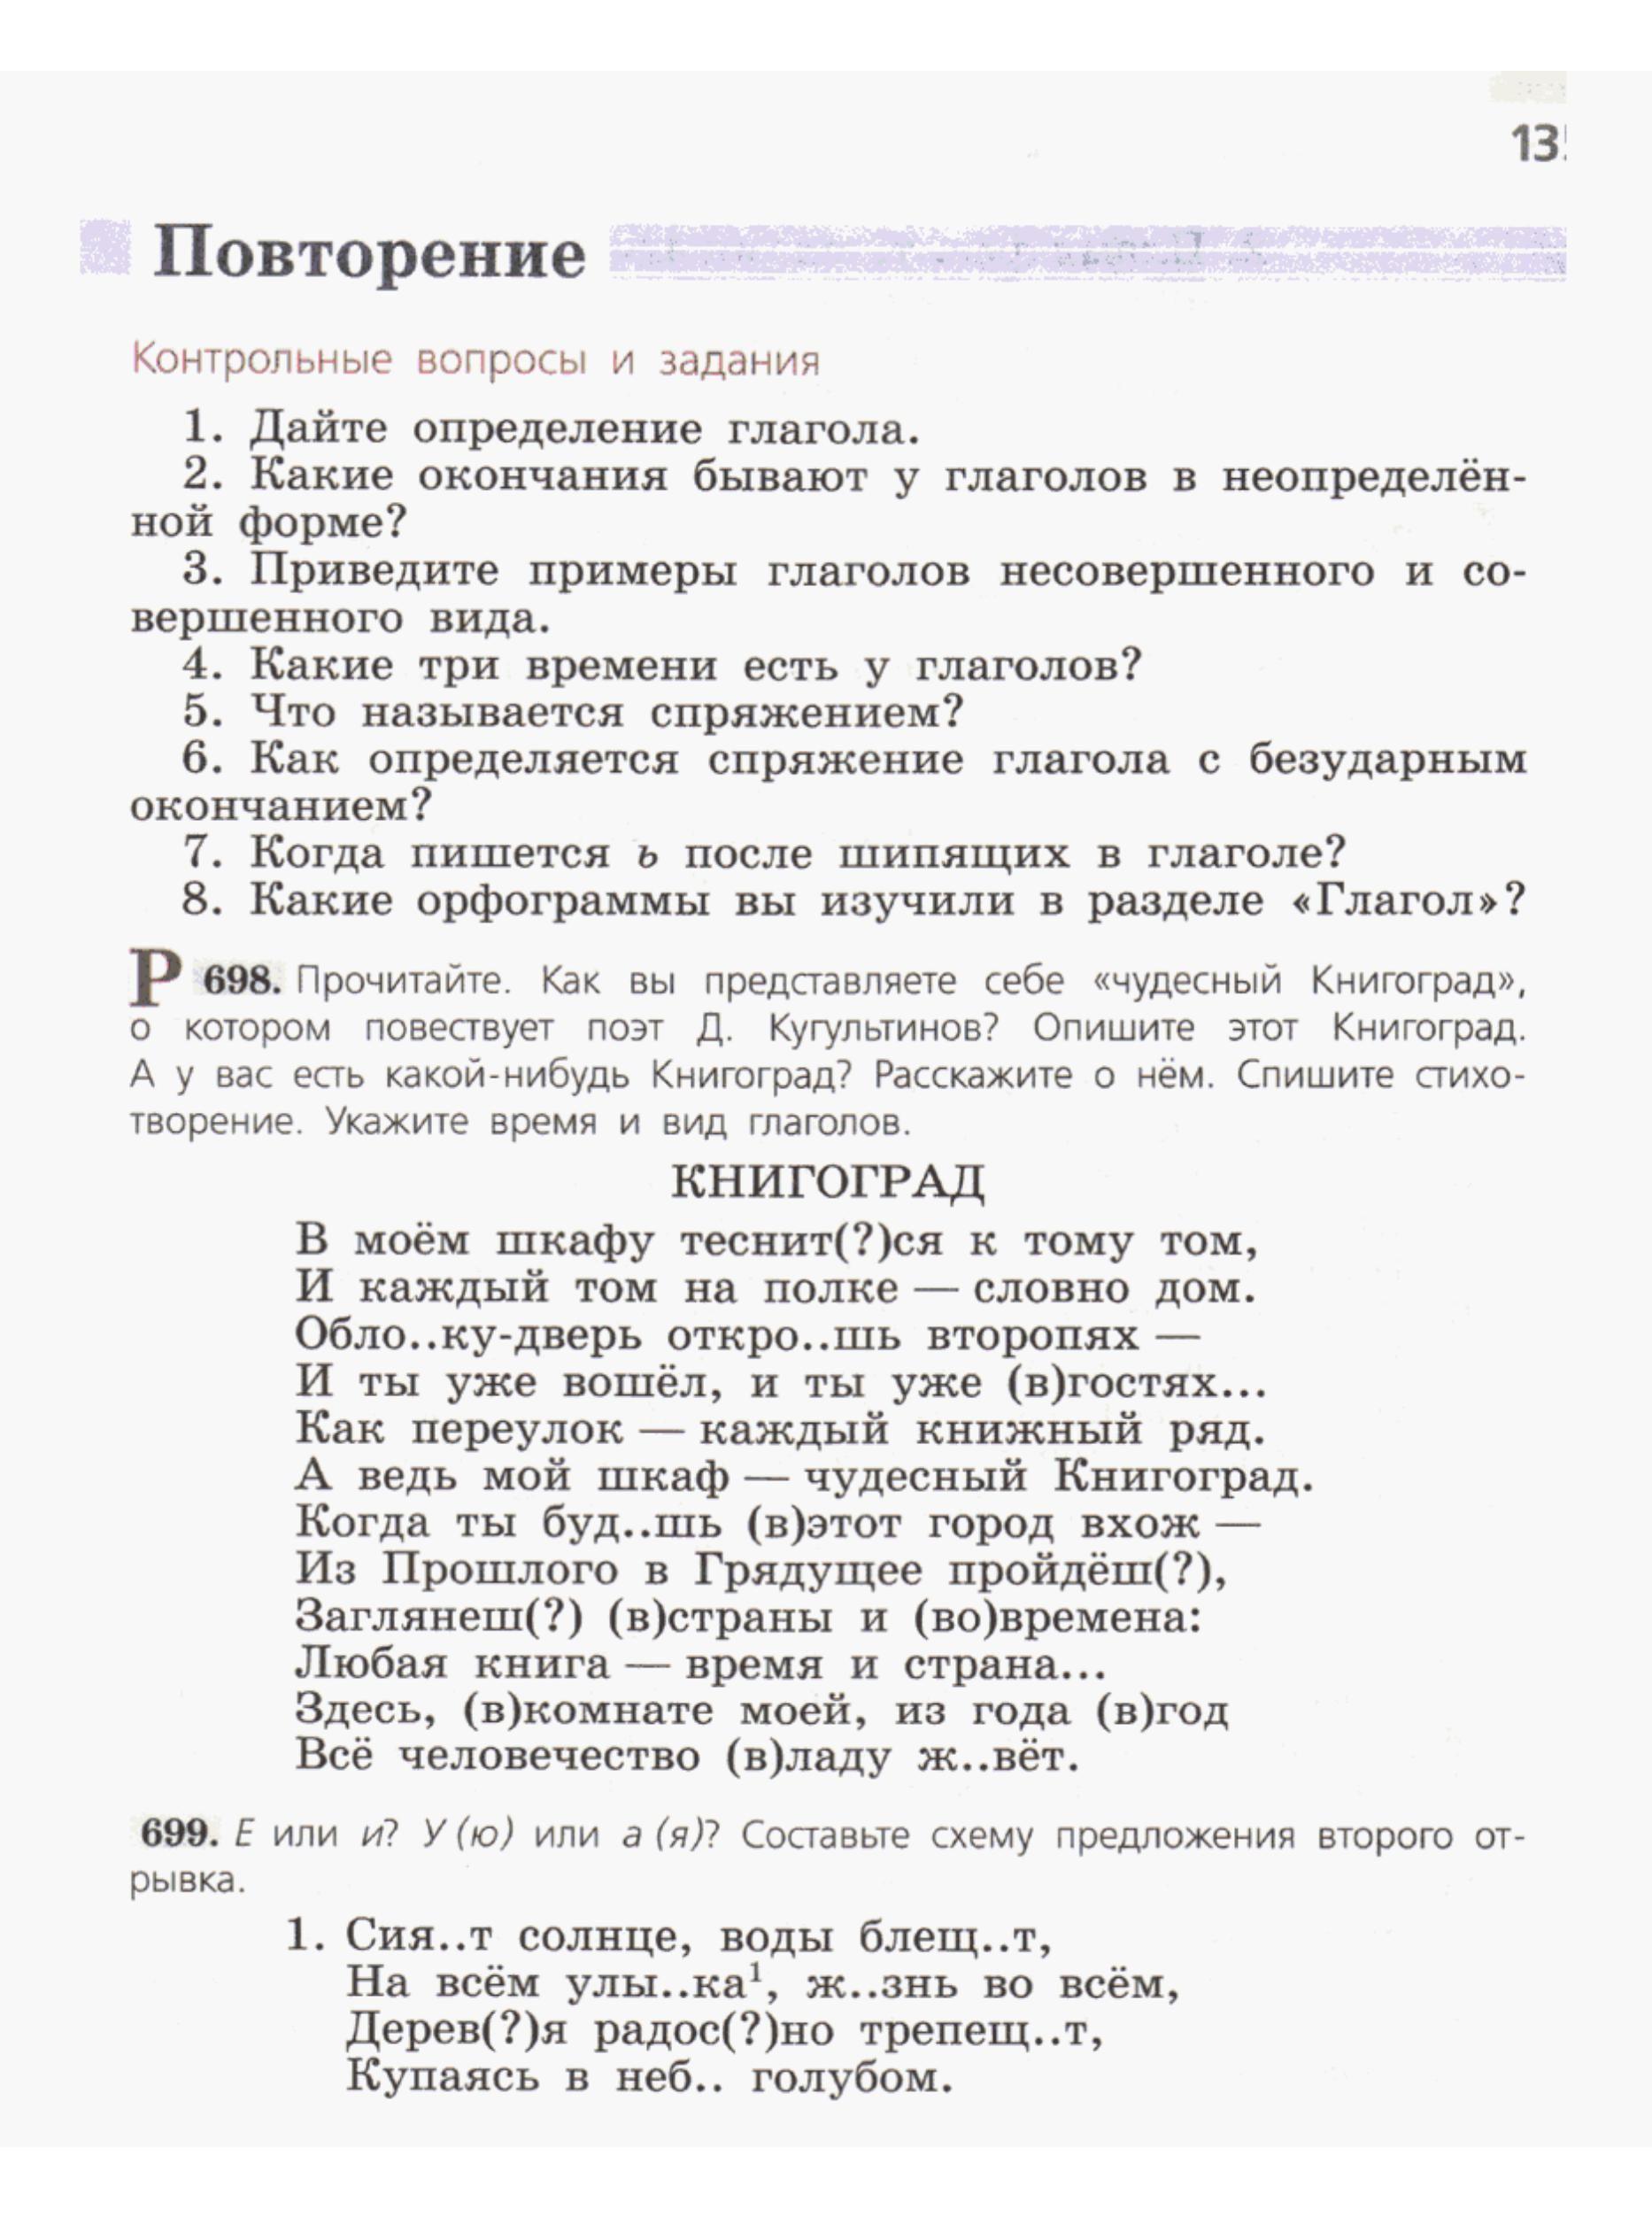 Федеральный перечень учебников на 2018-2019 год: с 1 по 11 класс.